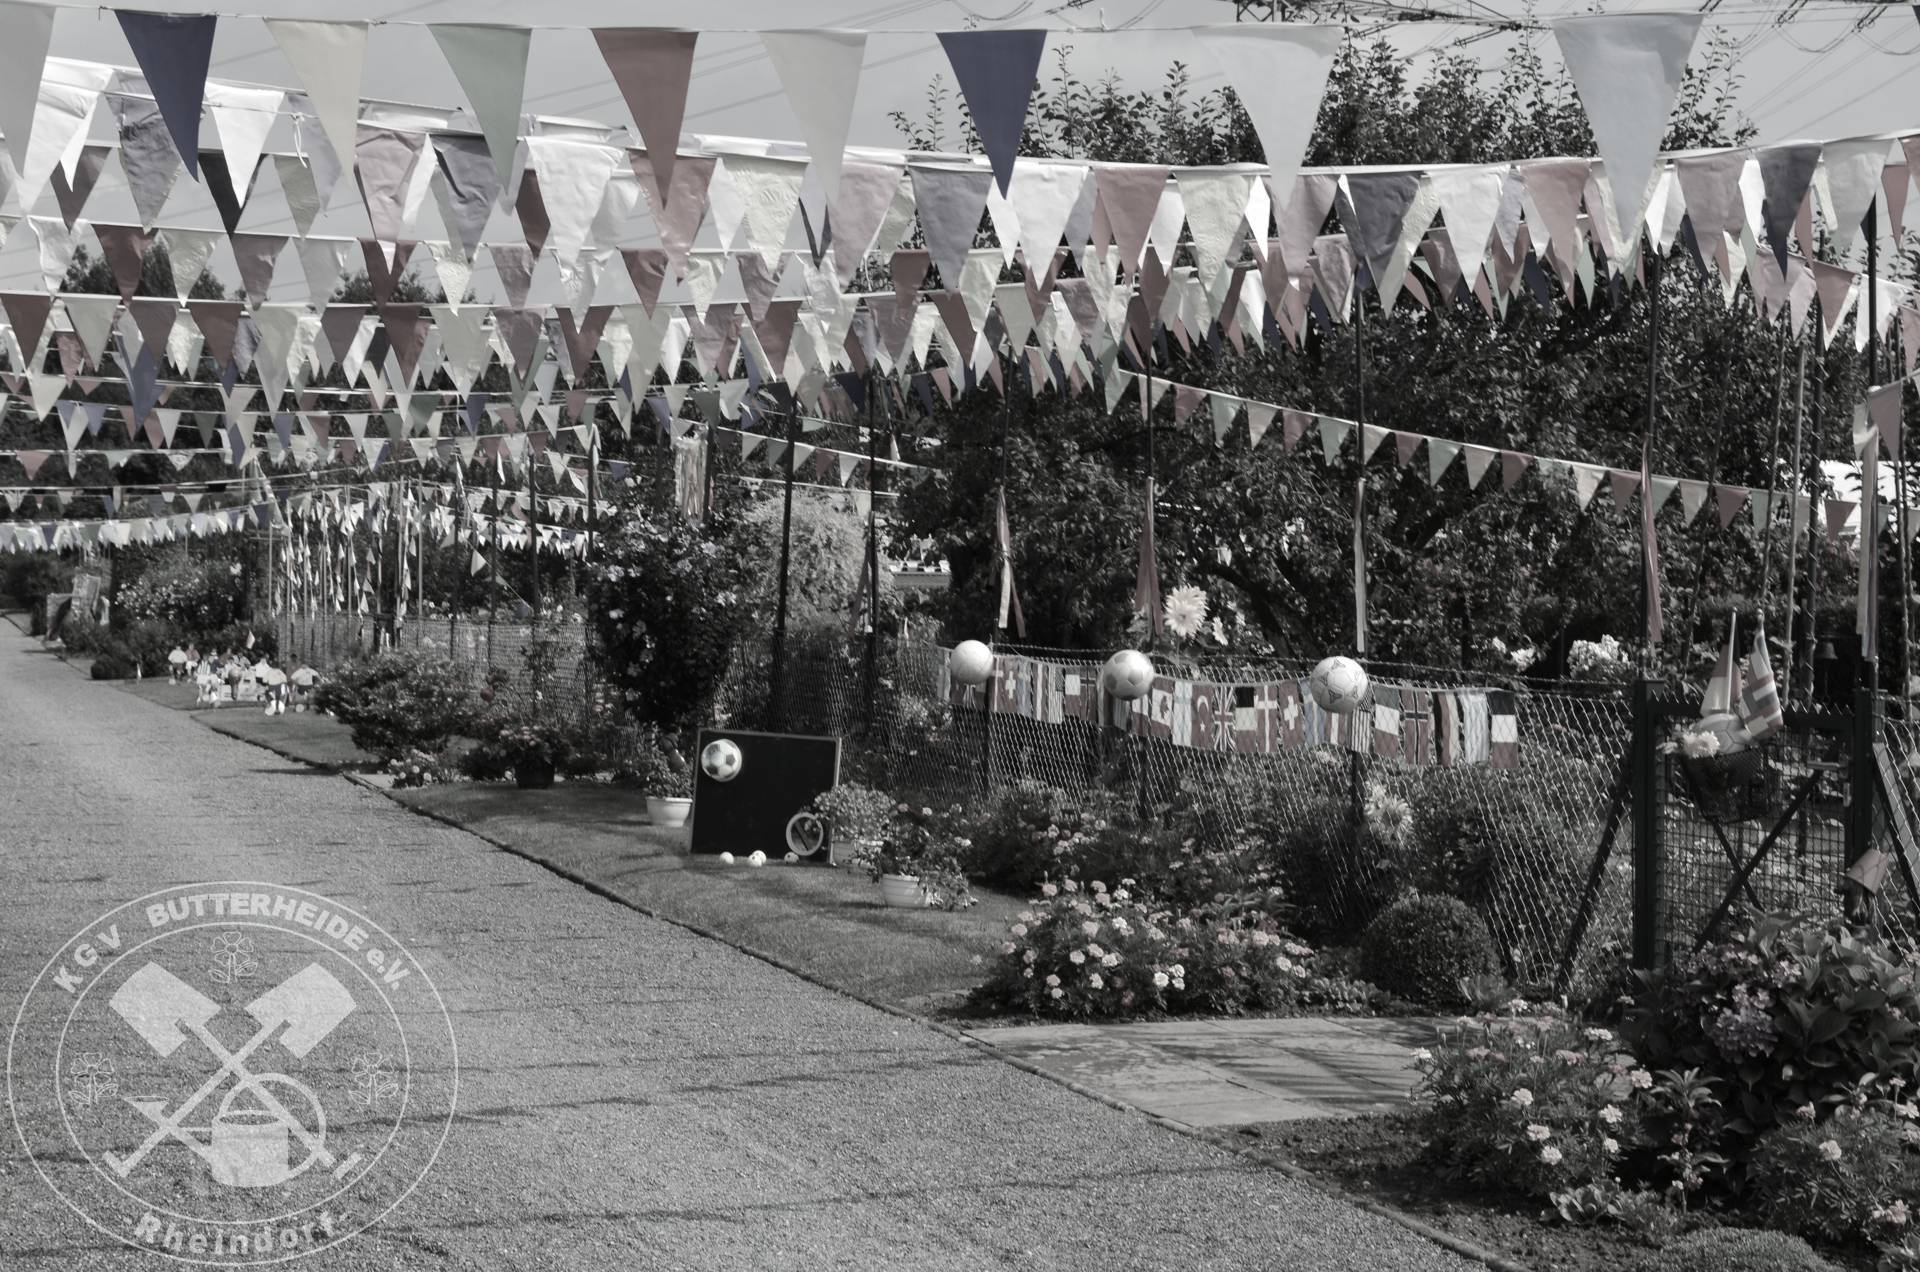 gartenratgeber kleingartenverein butterheide leverkusen rheindorf. Black Bedroom Furniture Sets. Home Design Ideas